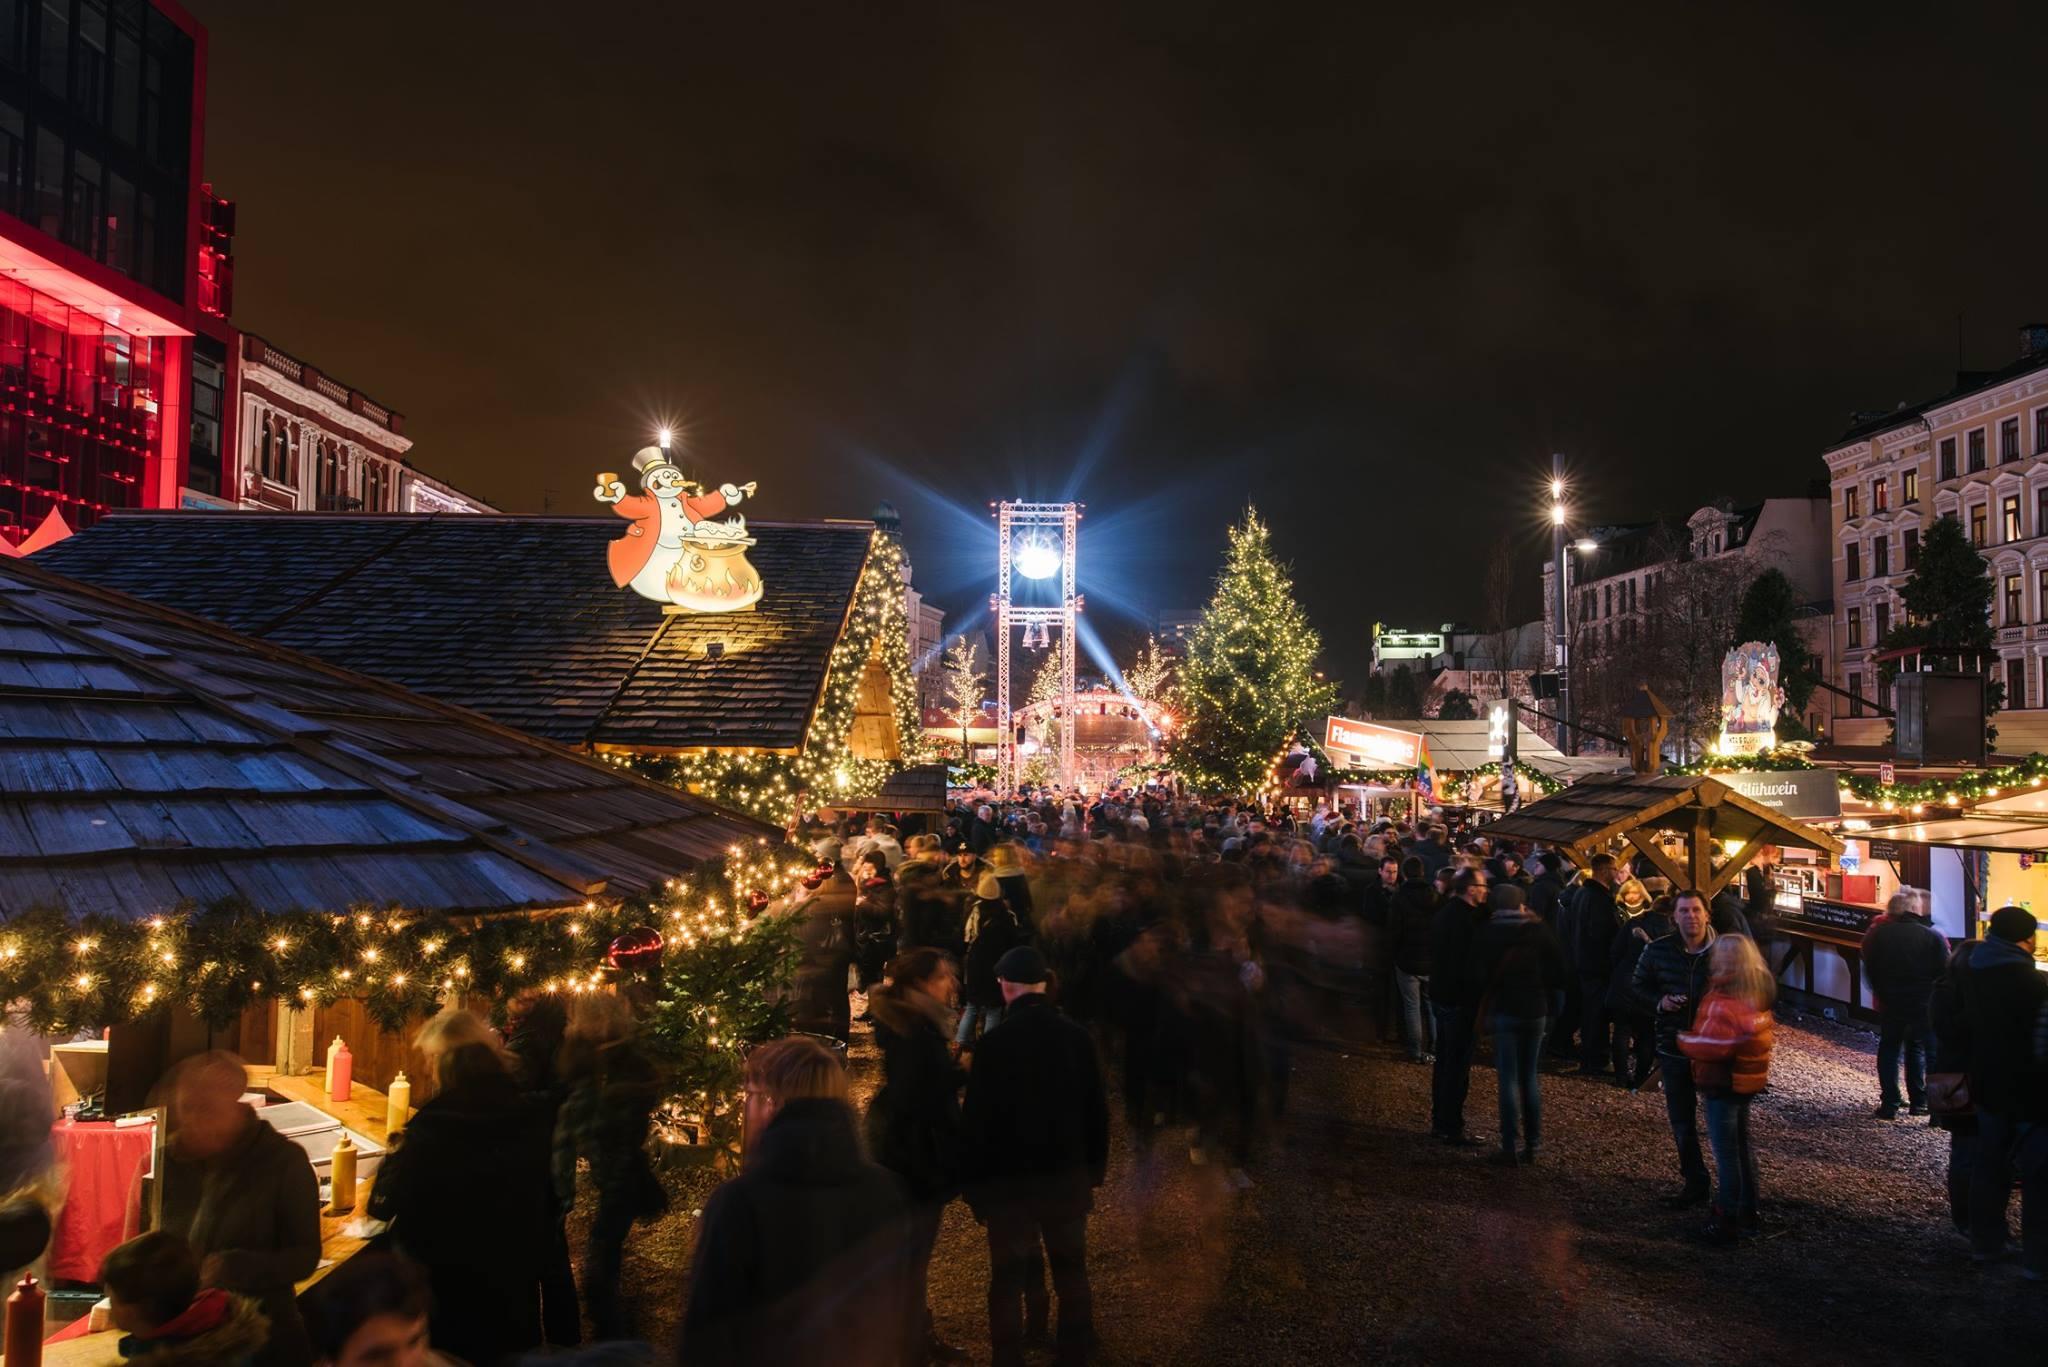 St Pauli Weihnachtsmarkt öffnungszeiten.Der Wohl Verrückteste Weihnachtsmarkt öffnet Seine Tore Santa Pauli